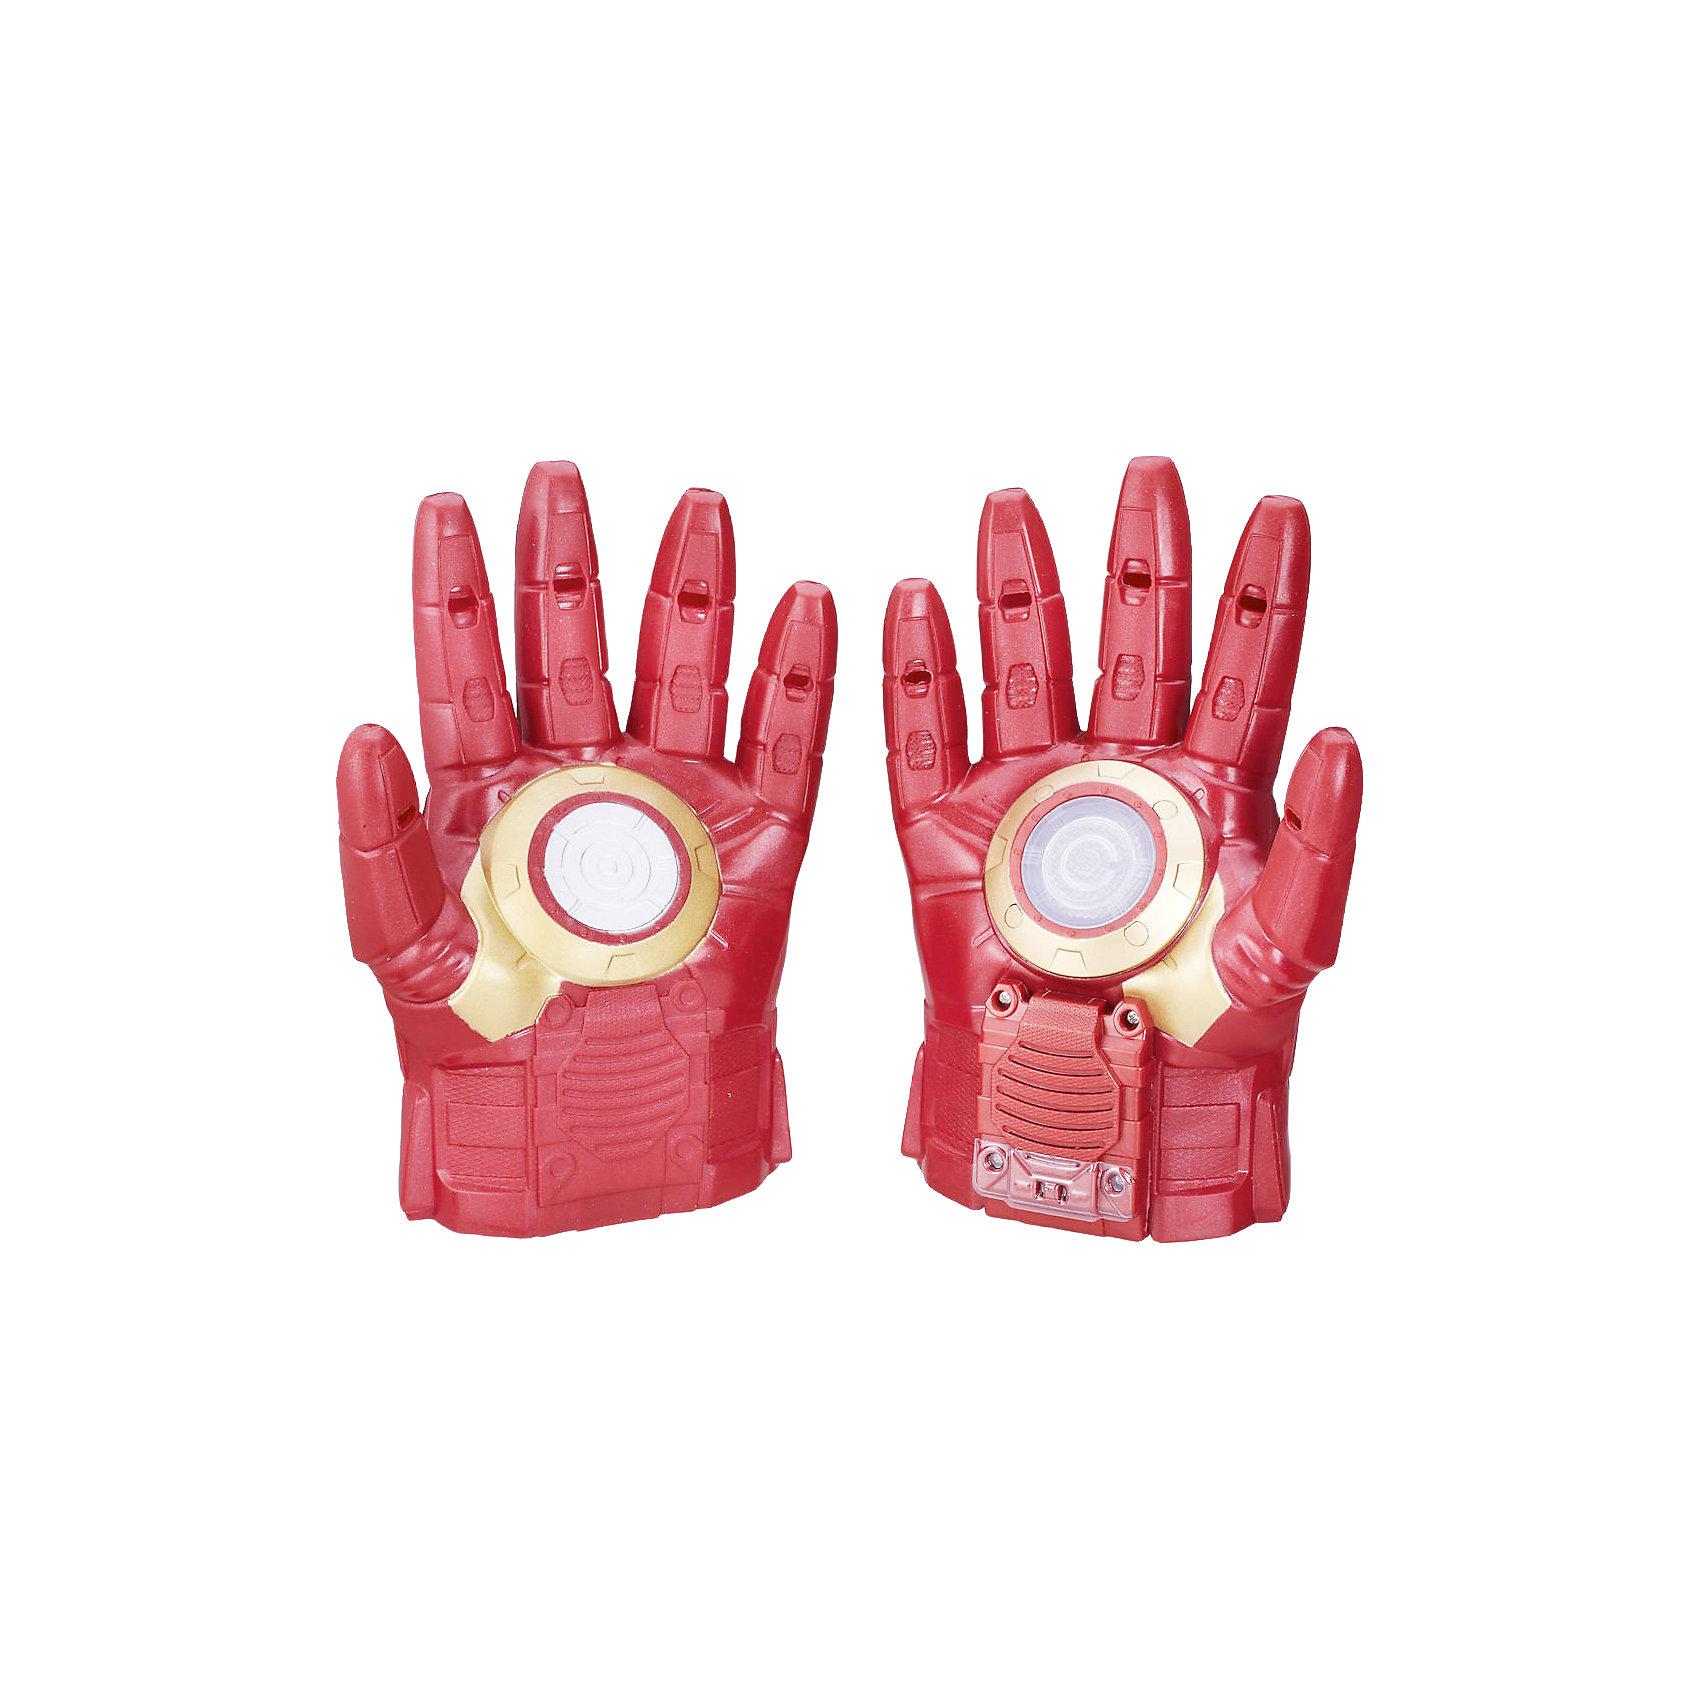 Перчатки Hasbro Мстители Железный человекЛюбимые герои<br>Характеристики товара:<br><br>• возраст: от 5 лет;<br>• материал: пластик;<br>• в комплекте: 2 перчатки;<br>• тип батареек: 1 батарейка ААА;<br>• наличие батареек: в комплекте;<br>• размер упаковки: 21,6х31,8х8,3 см;<br>• вес упаковки: 549 гр.;<br>• страна производитель: Китай.<br><br>Перчатки Железного Человека Hasbro представляют собой копию перчаток одного из самых популярных супергероев команды Мстителей Железного Человека. Они обязательно понравятся юному поклоннику известного супергероя. С ними мальчики могут устроить захватывающие сражения, придумать игры или воспроизводить сцены из фильма.<br><br>Одна из перчаток оснащена световыми и звуковыми эффектами, что делает игру еще увлекательней. Перчатки выполнены из качественного прочного пластика.<br><br>Перчатки Железного Человека Hasbro B0429 можно приобрести в нашем интернет-магазине.<br><br>Ширина мм: 318<br>Глубина мм: 218<br>Высота мм: 86<br>Вес г: 451<br>Возраст от месяцев: 60<br>Возраст до месяцев: 2147483647<br>Пол: Мужской<br>Возраст: Детский<br>SKU: 5104310